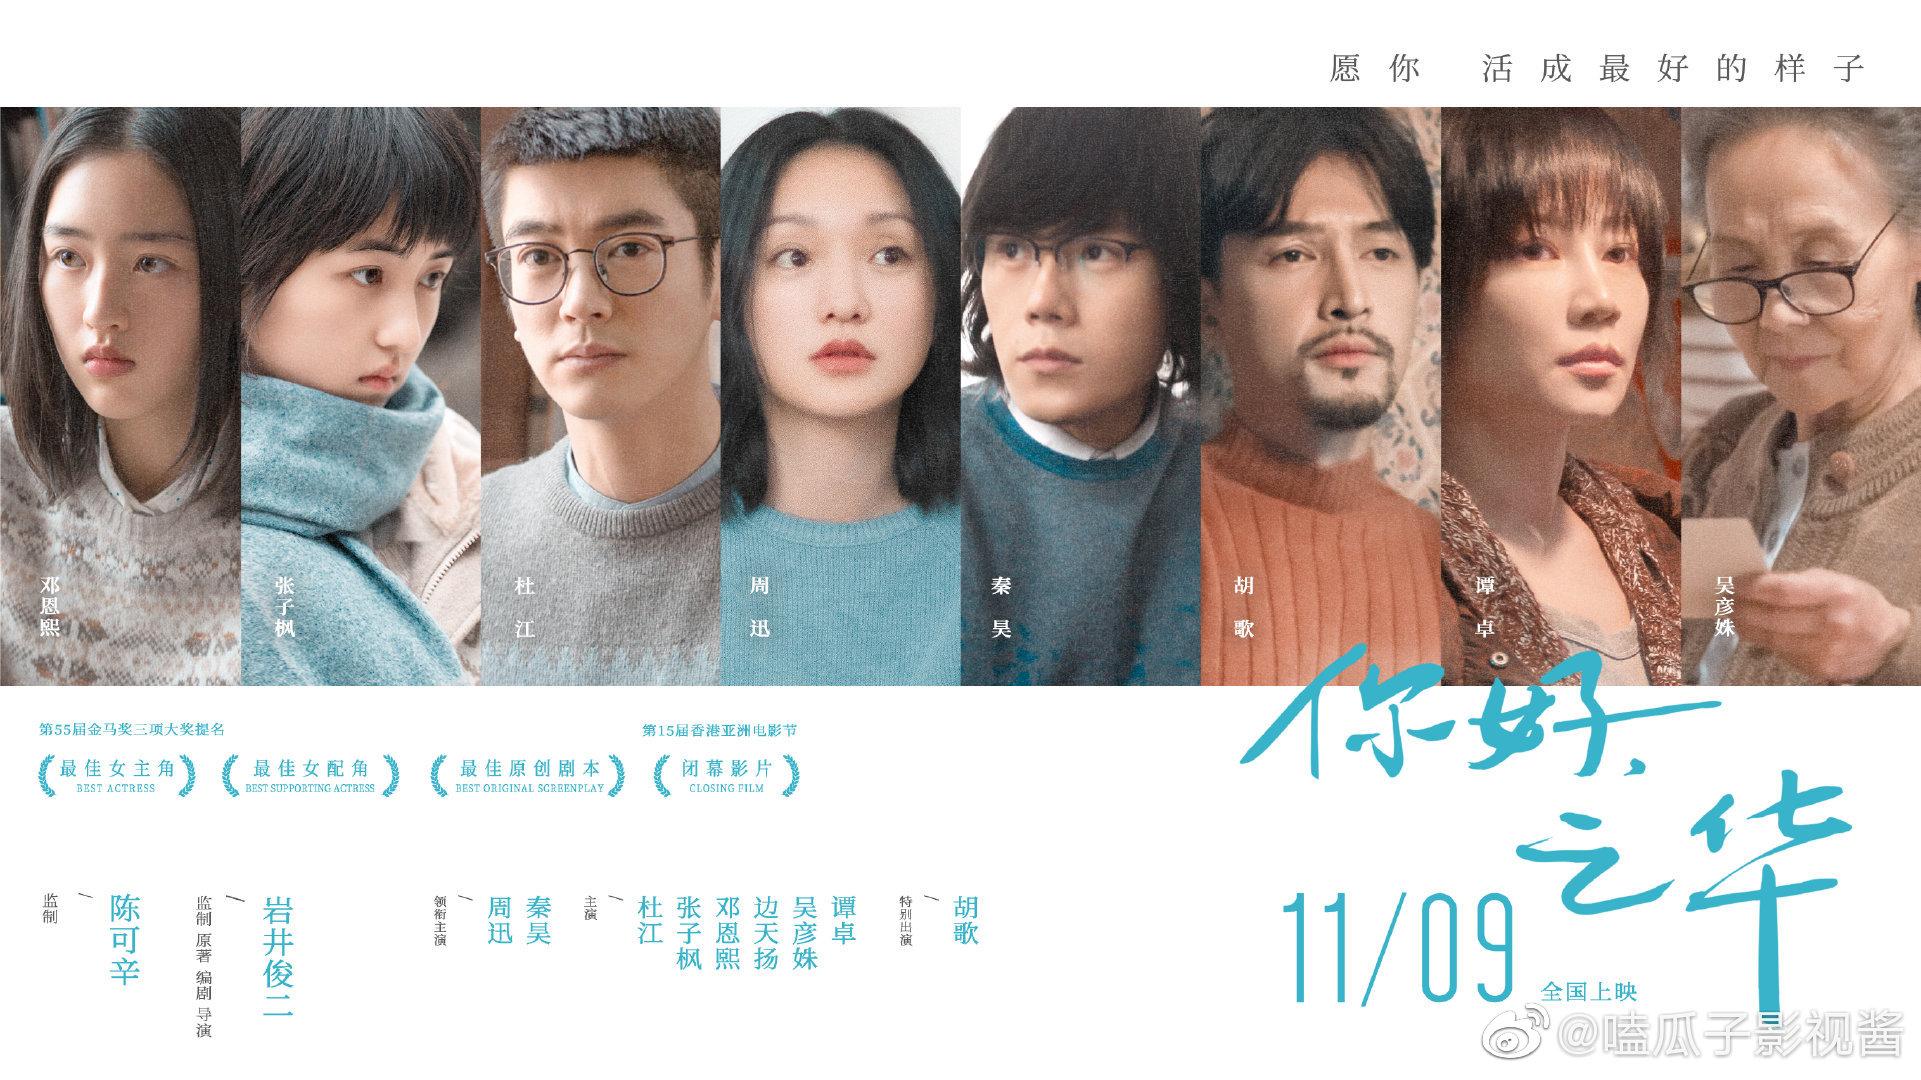 讲述了一个关于初恋的青涩故事,周迅主演,岩井俊二导演